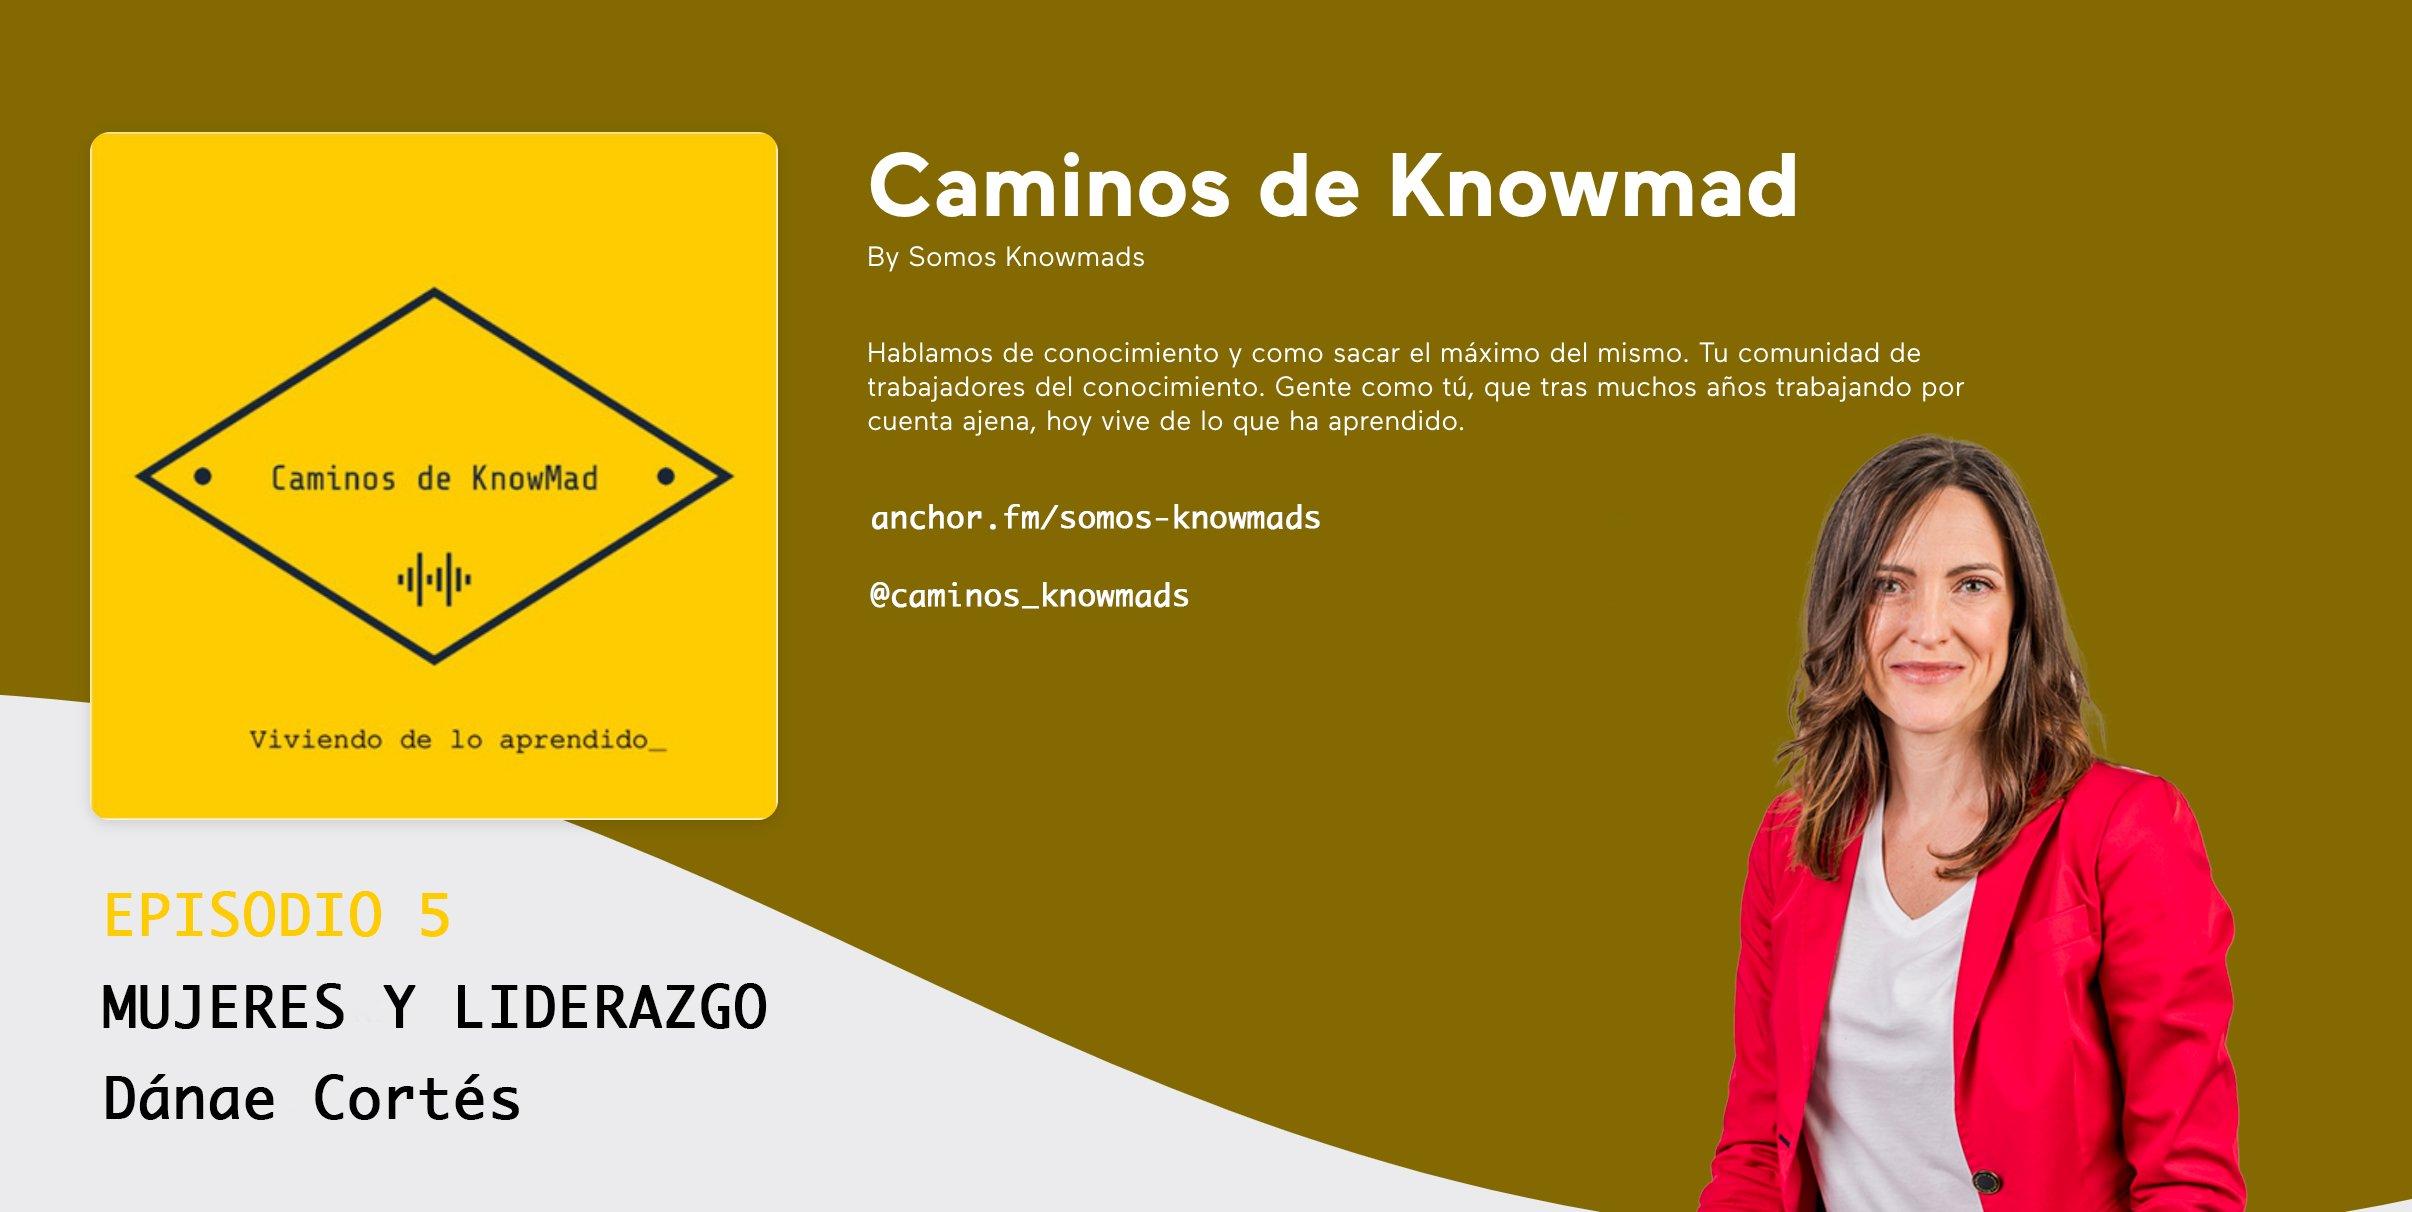 Caminos de Knowmad